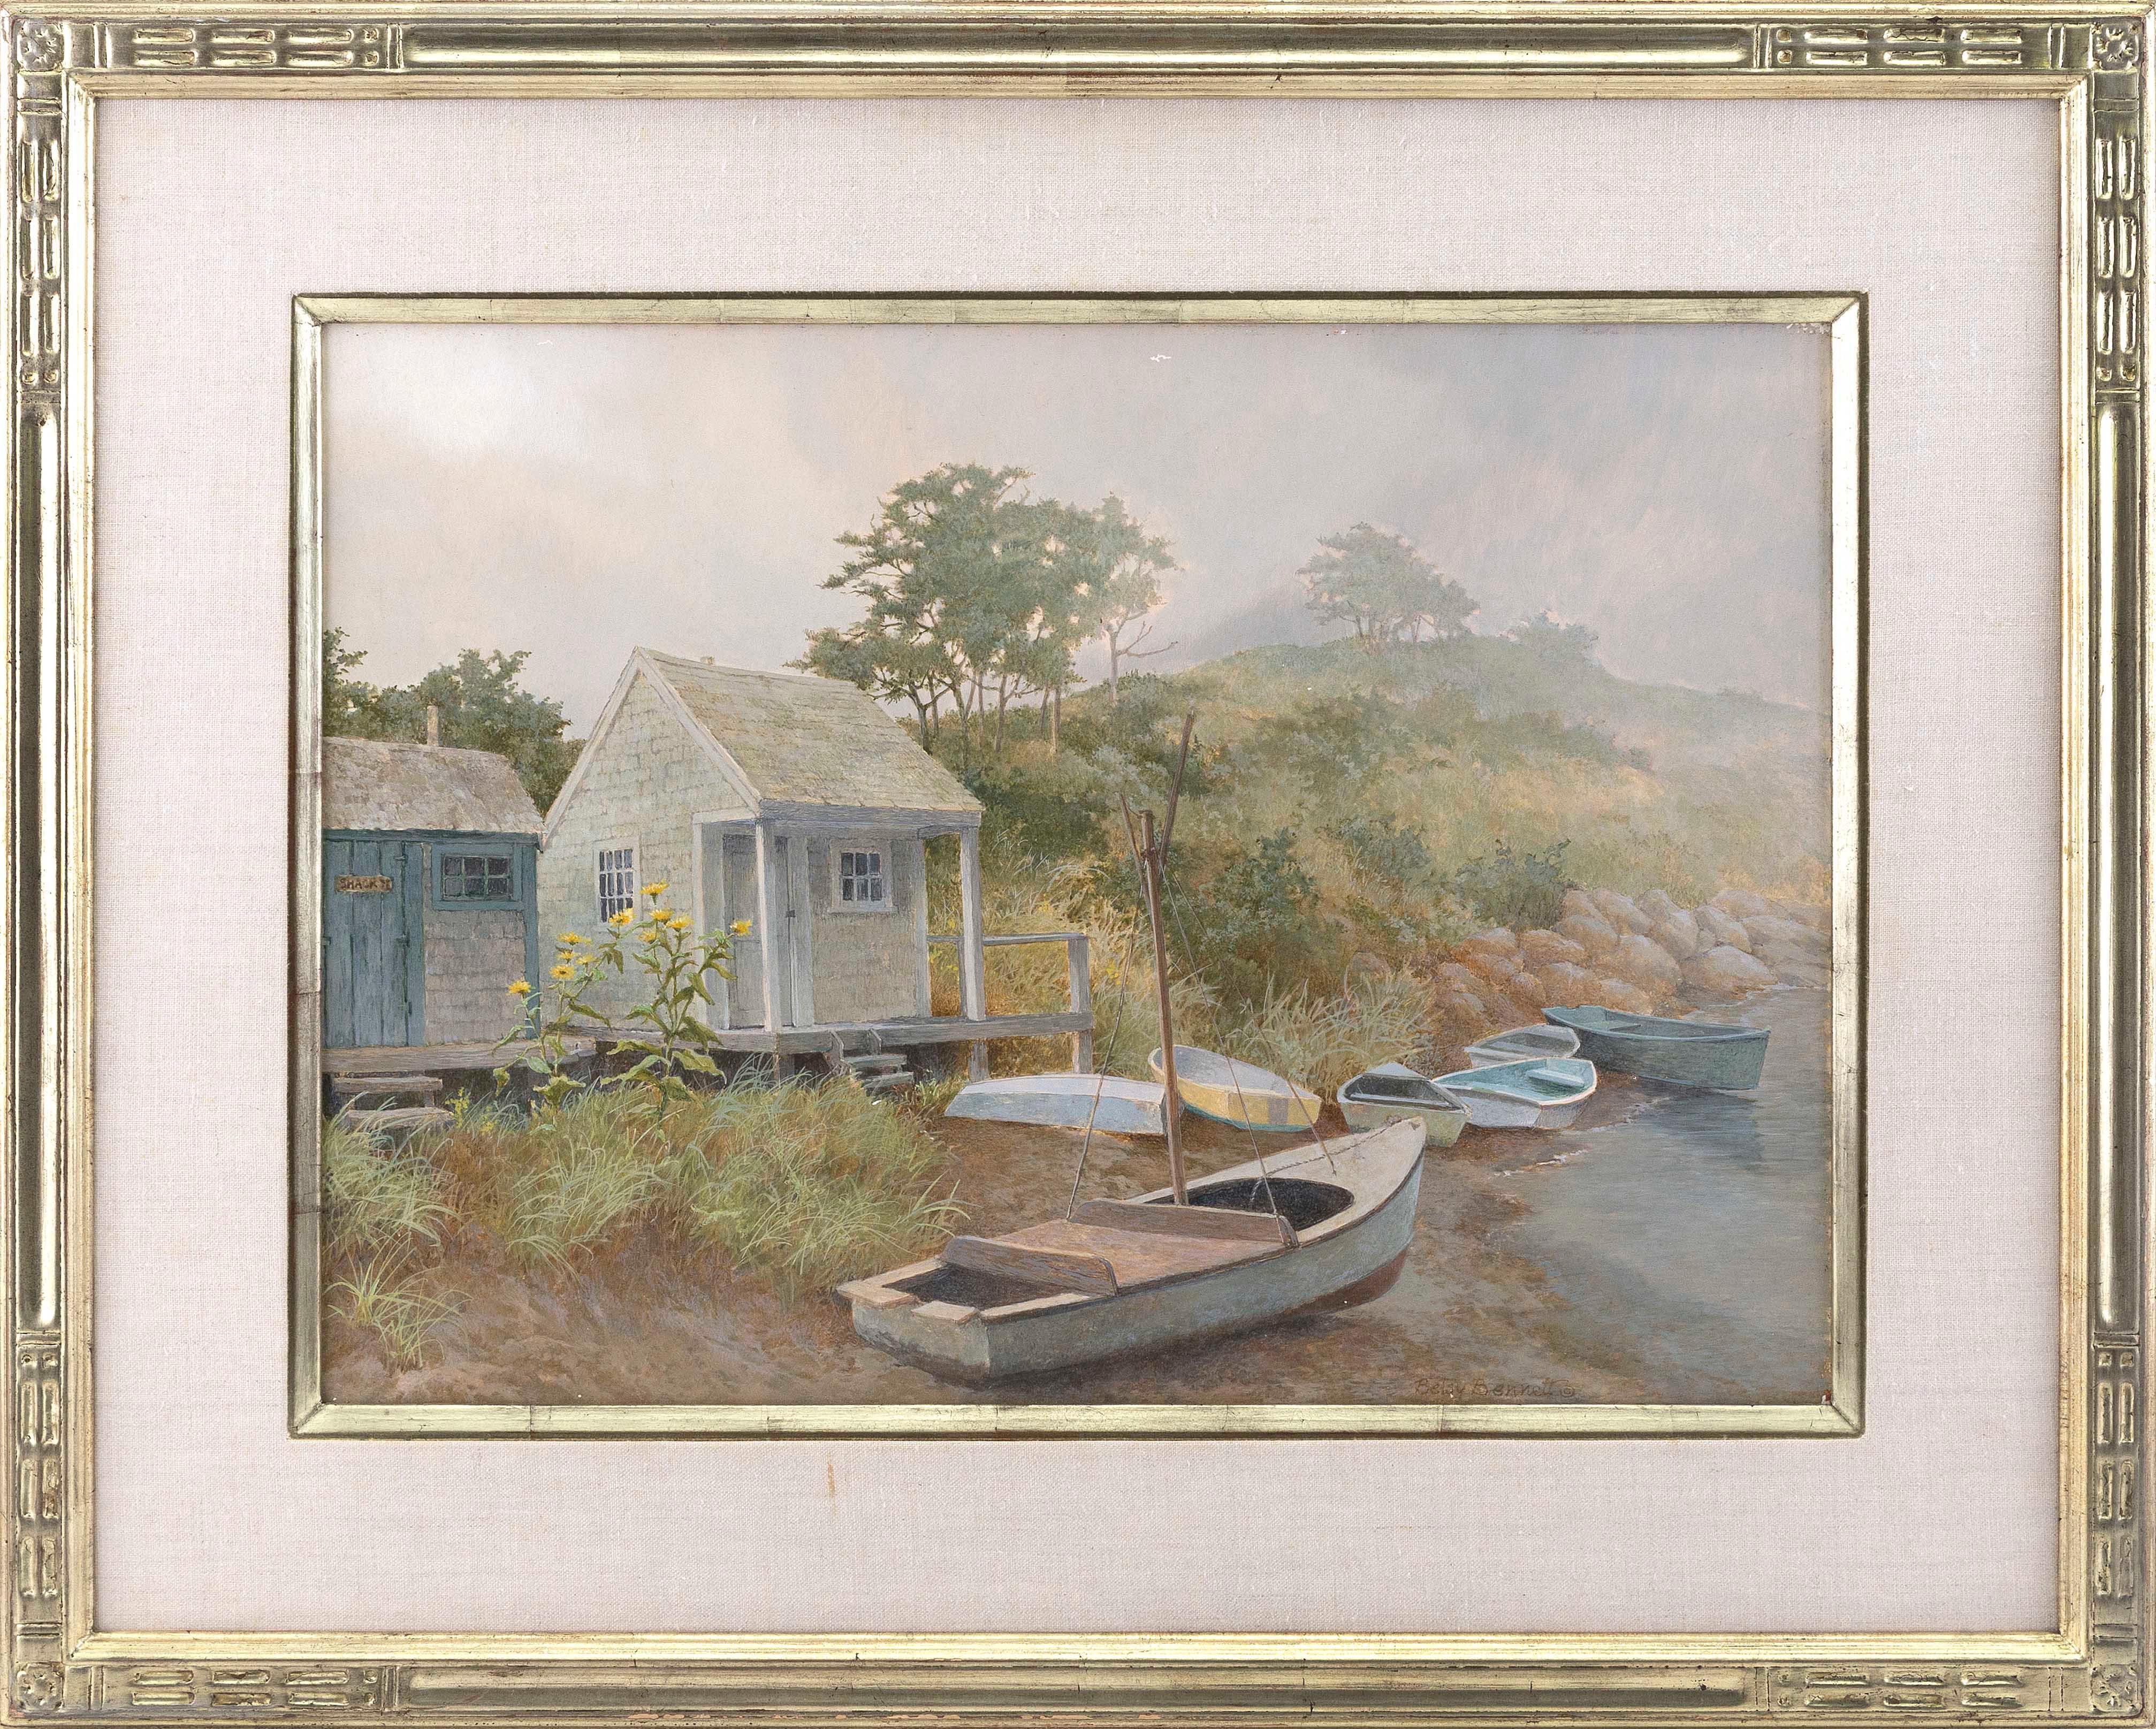 """BETSY BENNETT (Massachusetts, 1928-2007), Beach shacks and dories in the fog., Oil on board, 16"""" x 22"""". Framed 25"""" x 31""""."""